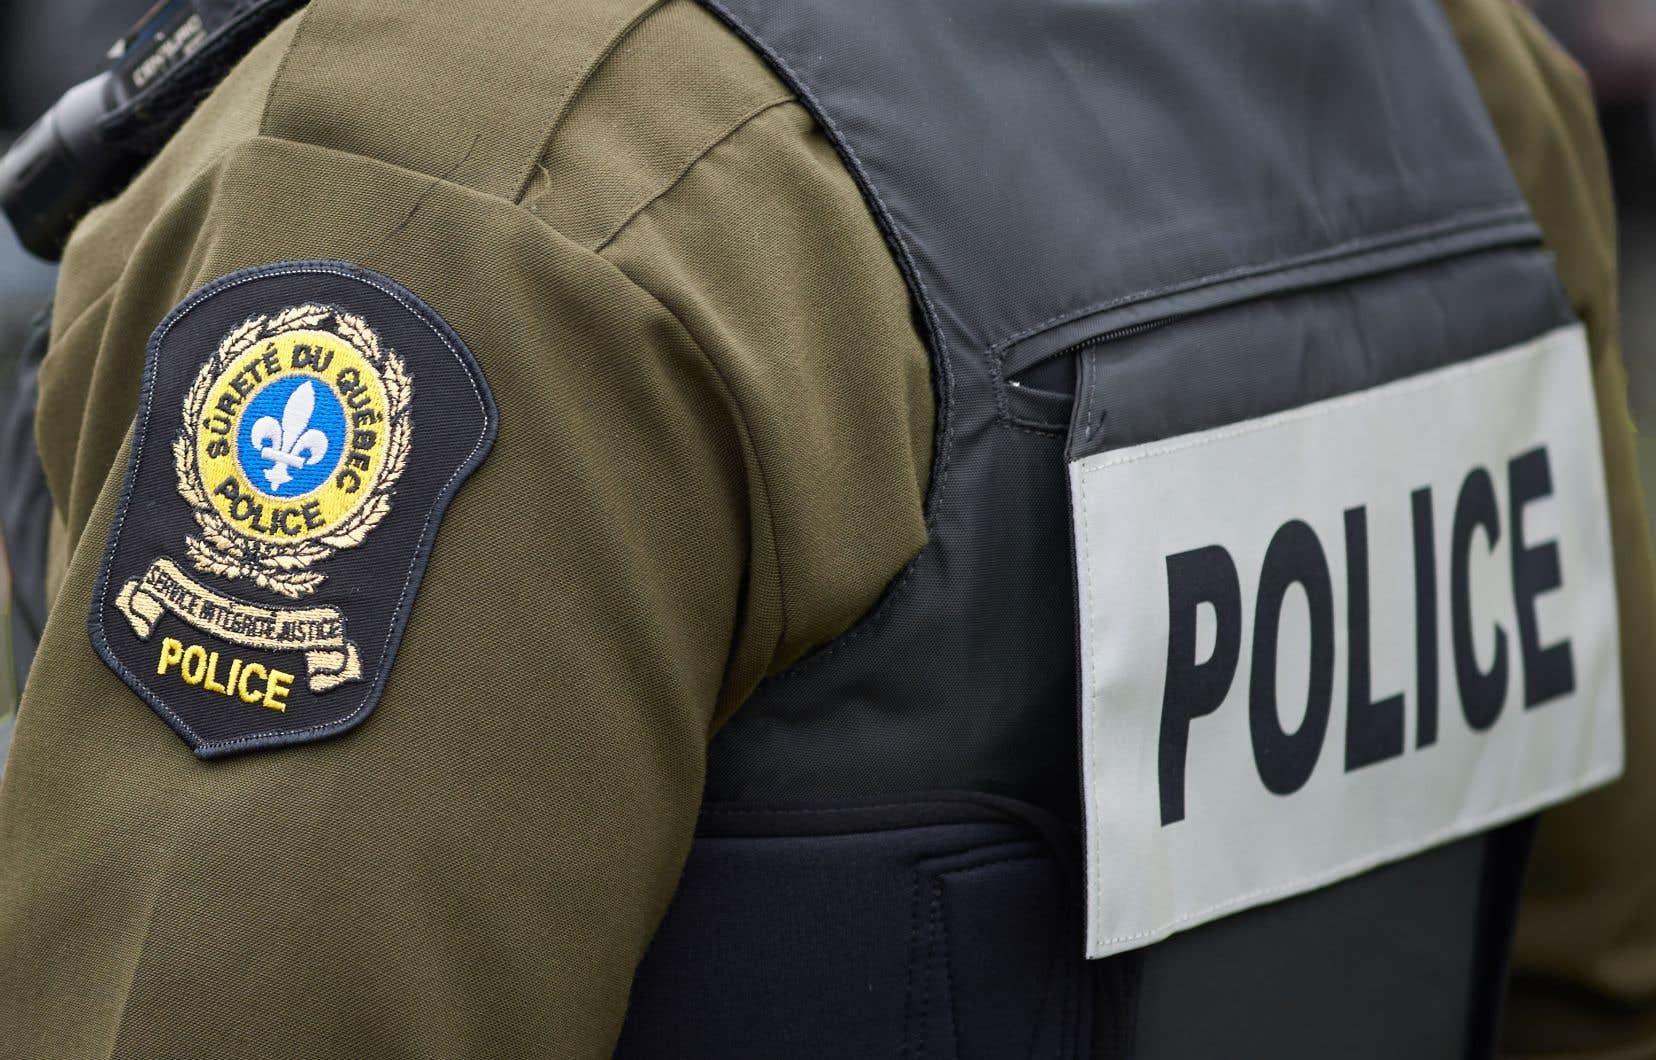 La police a constaté que la plupart des personnes qui se sont présentées sur place provenaient de l'extérieur de la région de Québec.